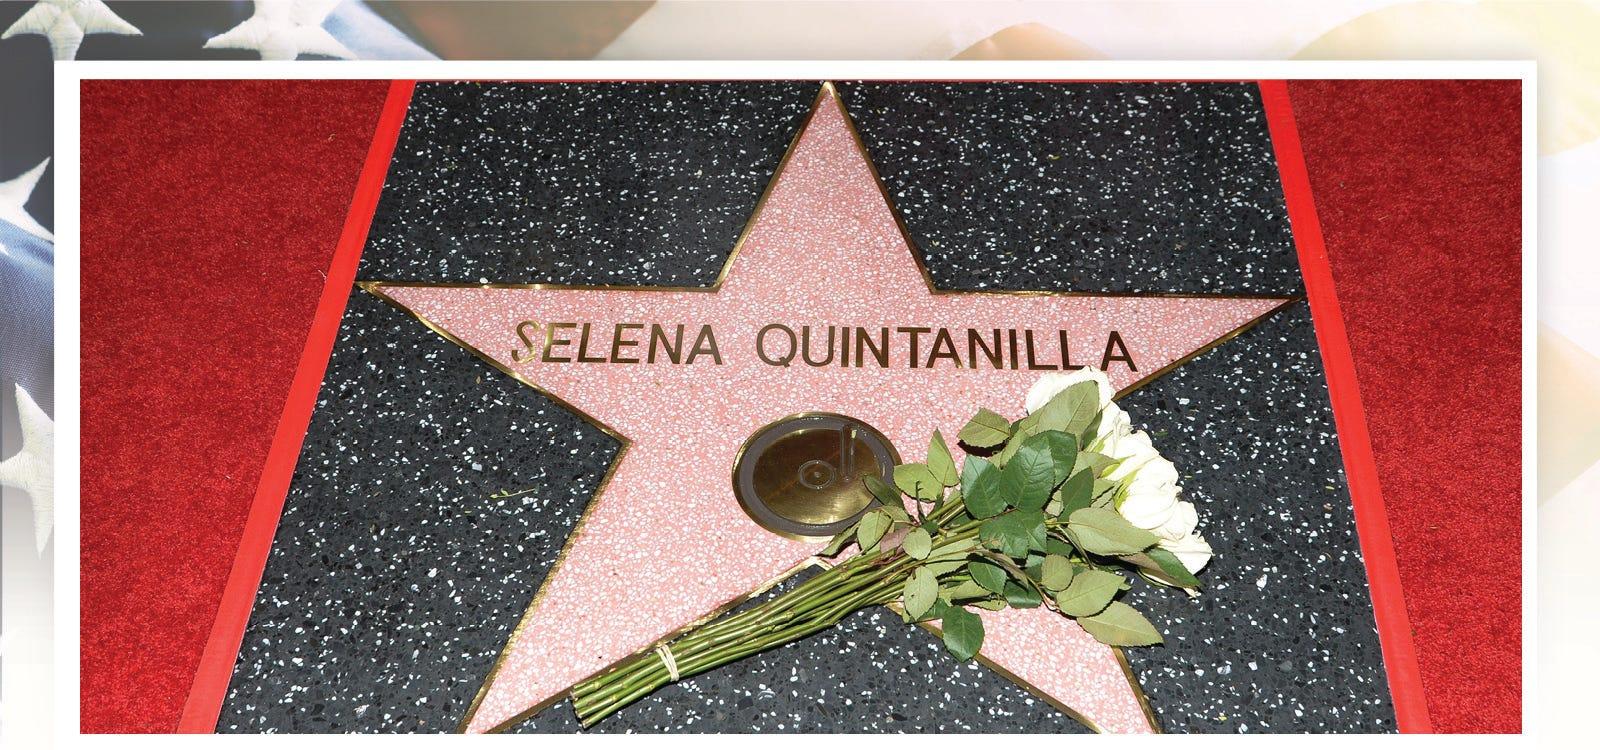 Selena Fue Asesinada Hace 25 Años Pero Su Memoria Sigue Viva